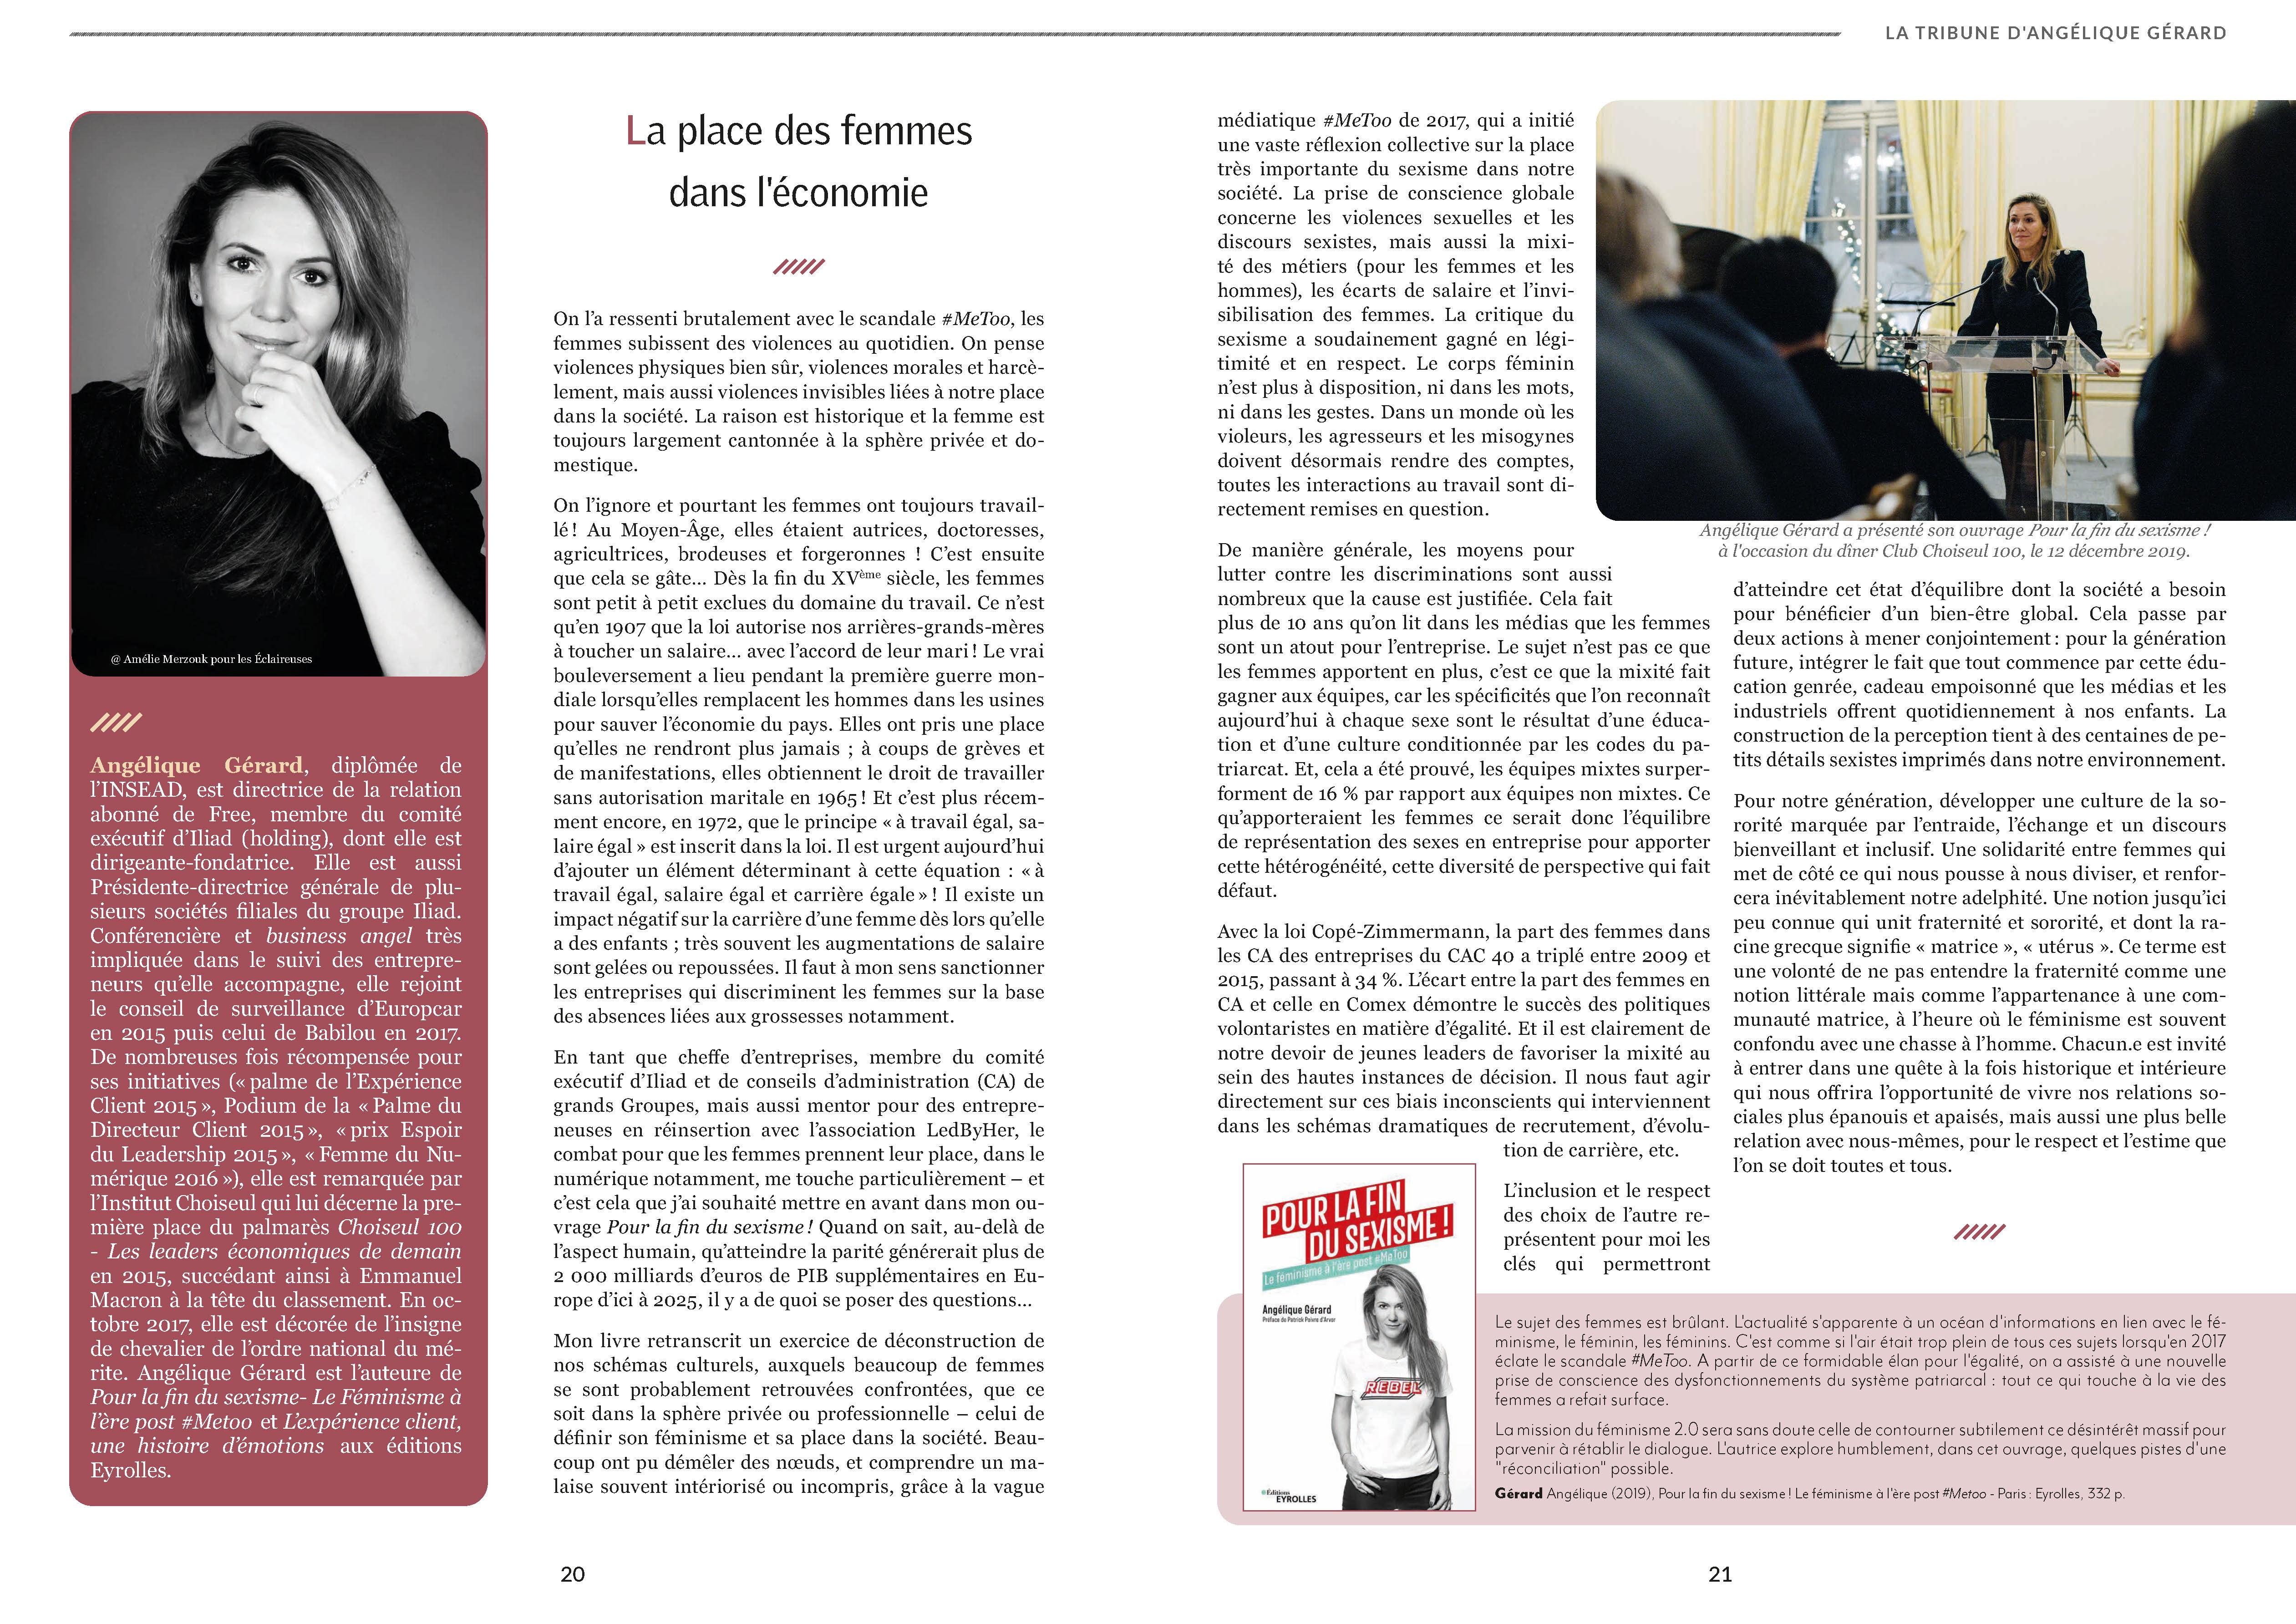 Choiseul Magazine – La place des femmes dans l'économie. La tribune d'Angélique Gérard.